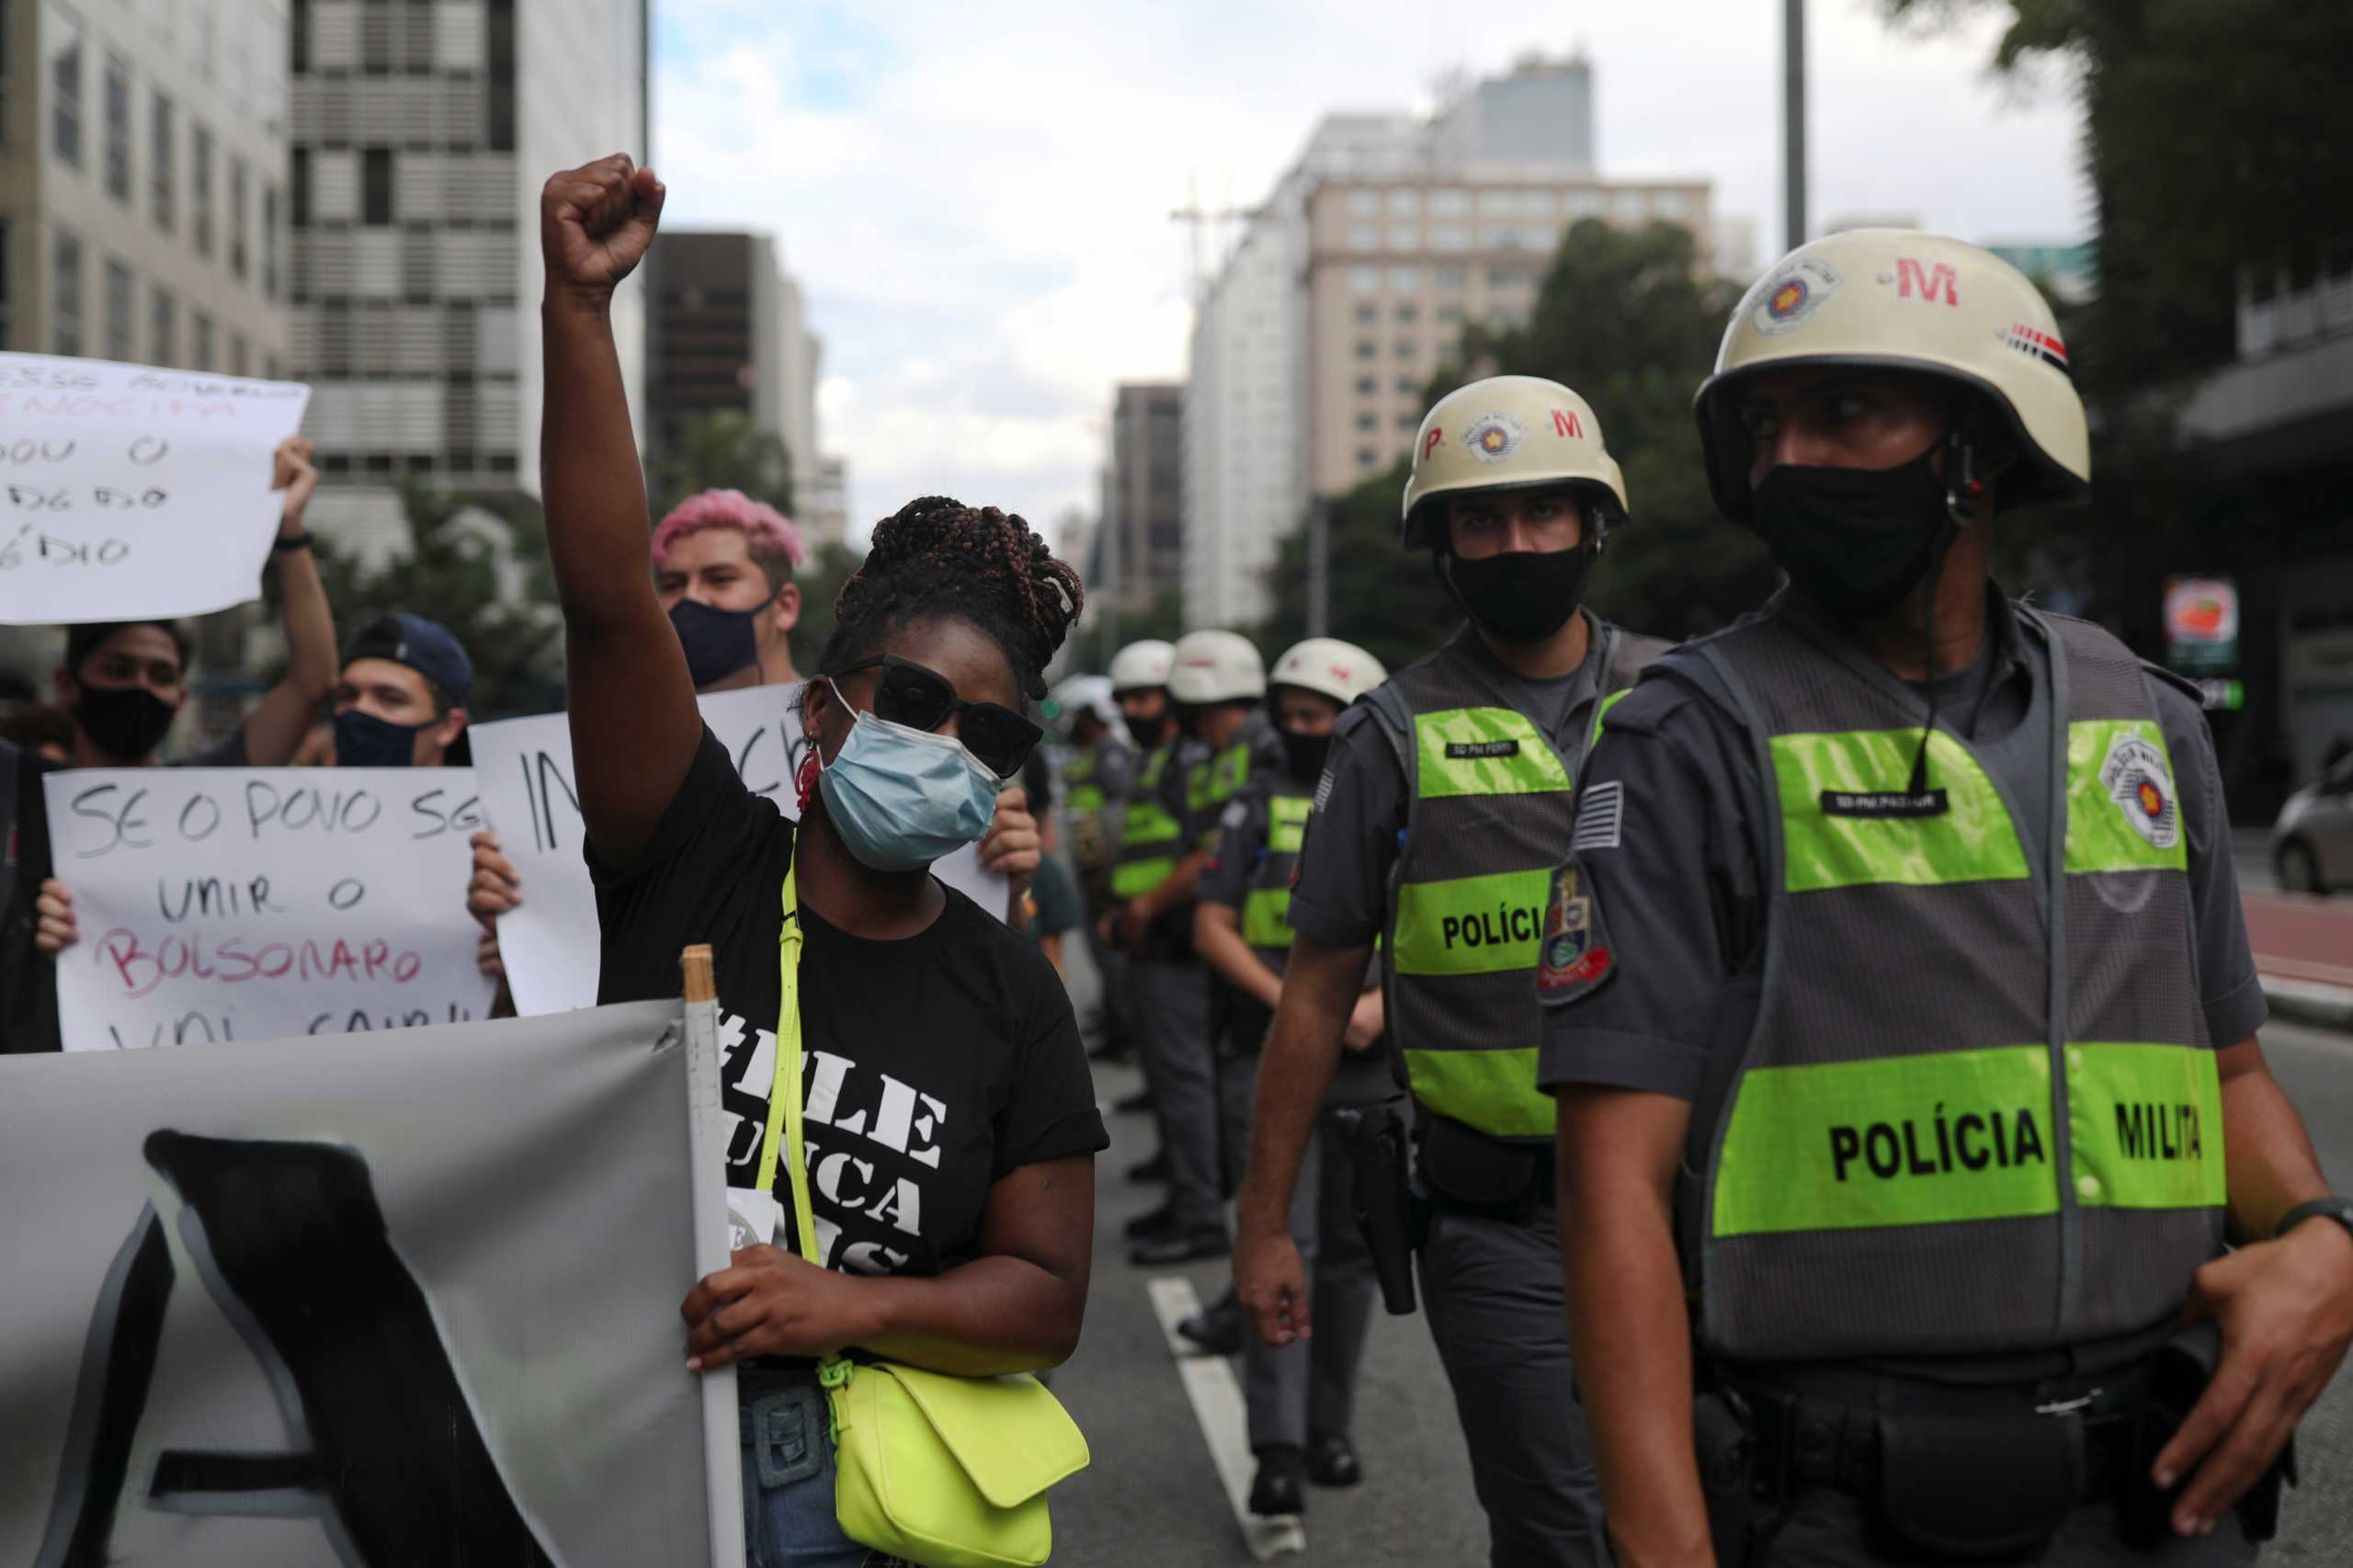 Βραζιλία: «Μπολσονάρο έξω» – Νέες διαδηλώσεις κατά του προέδρου της χώρας